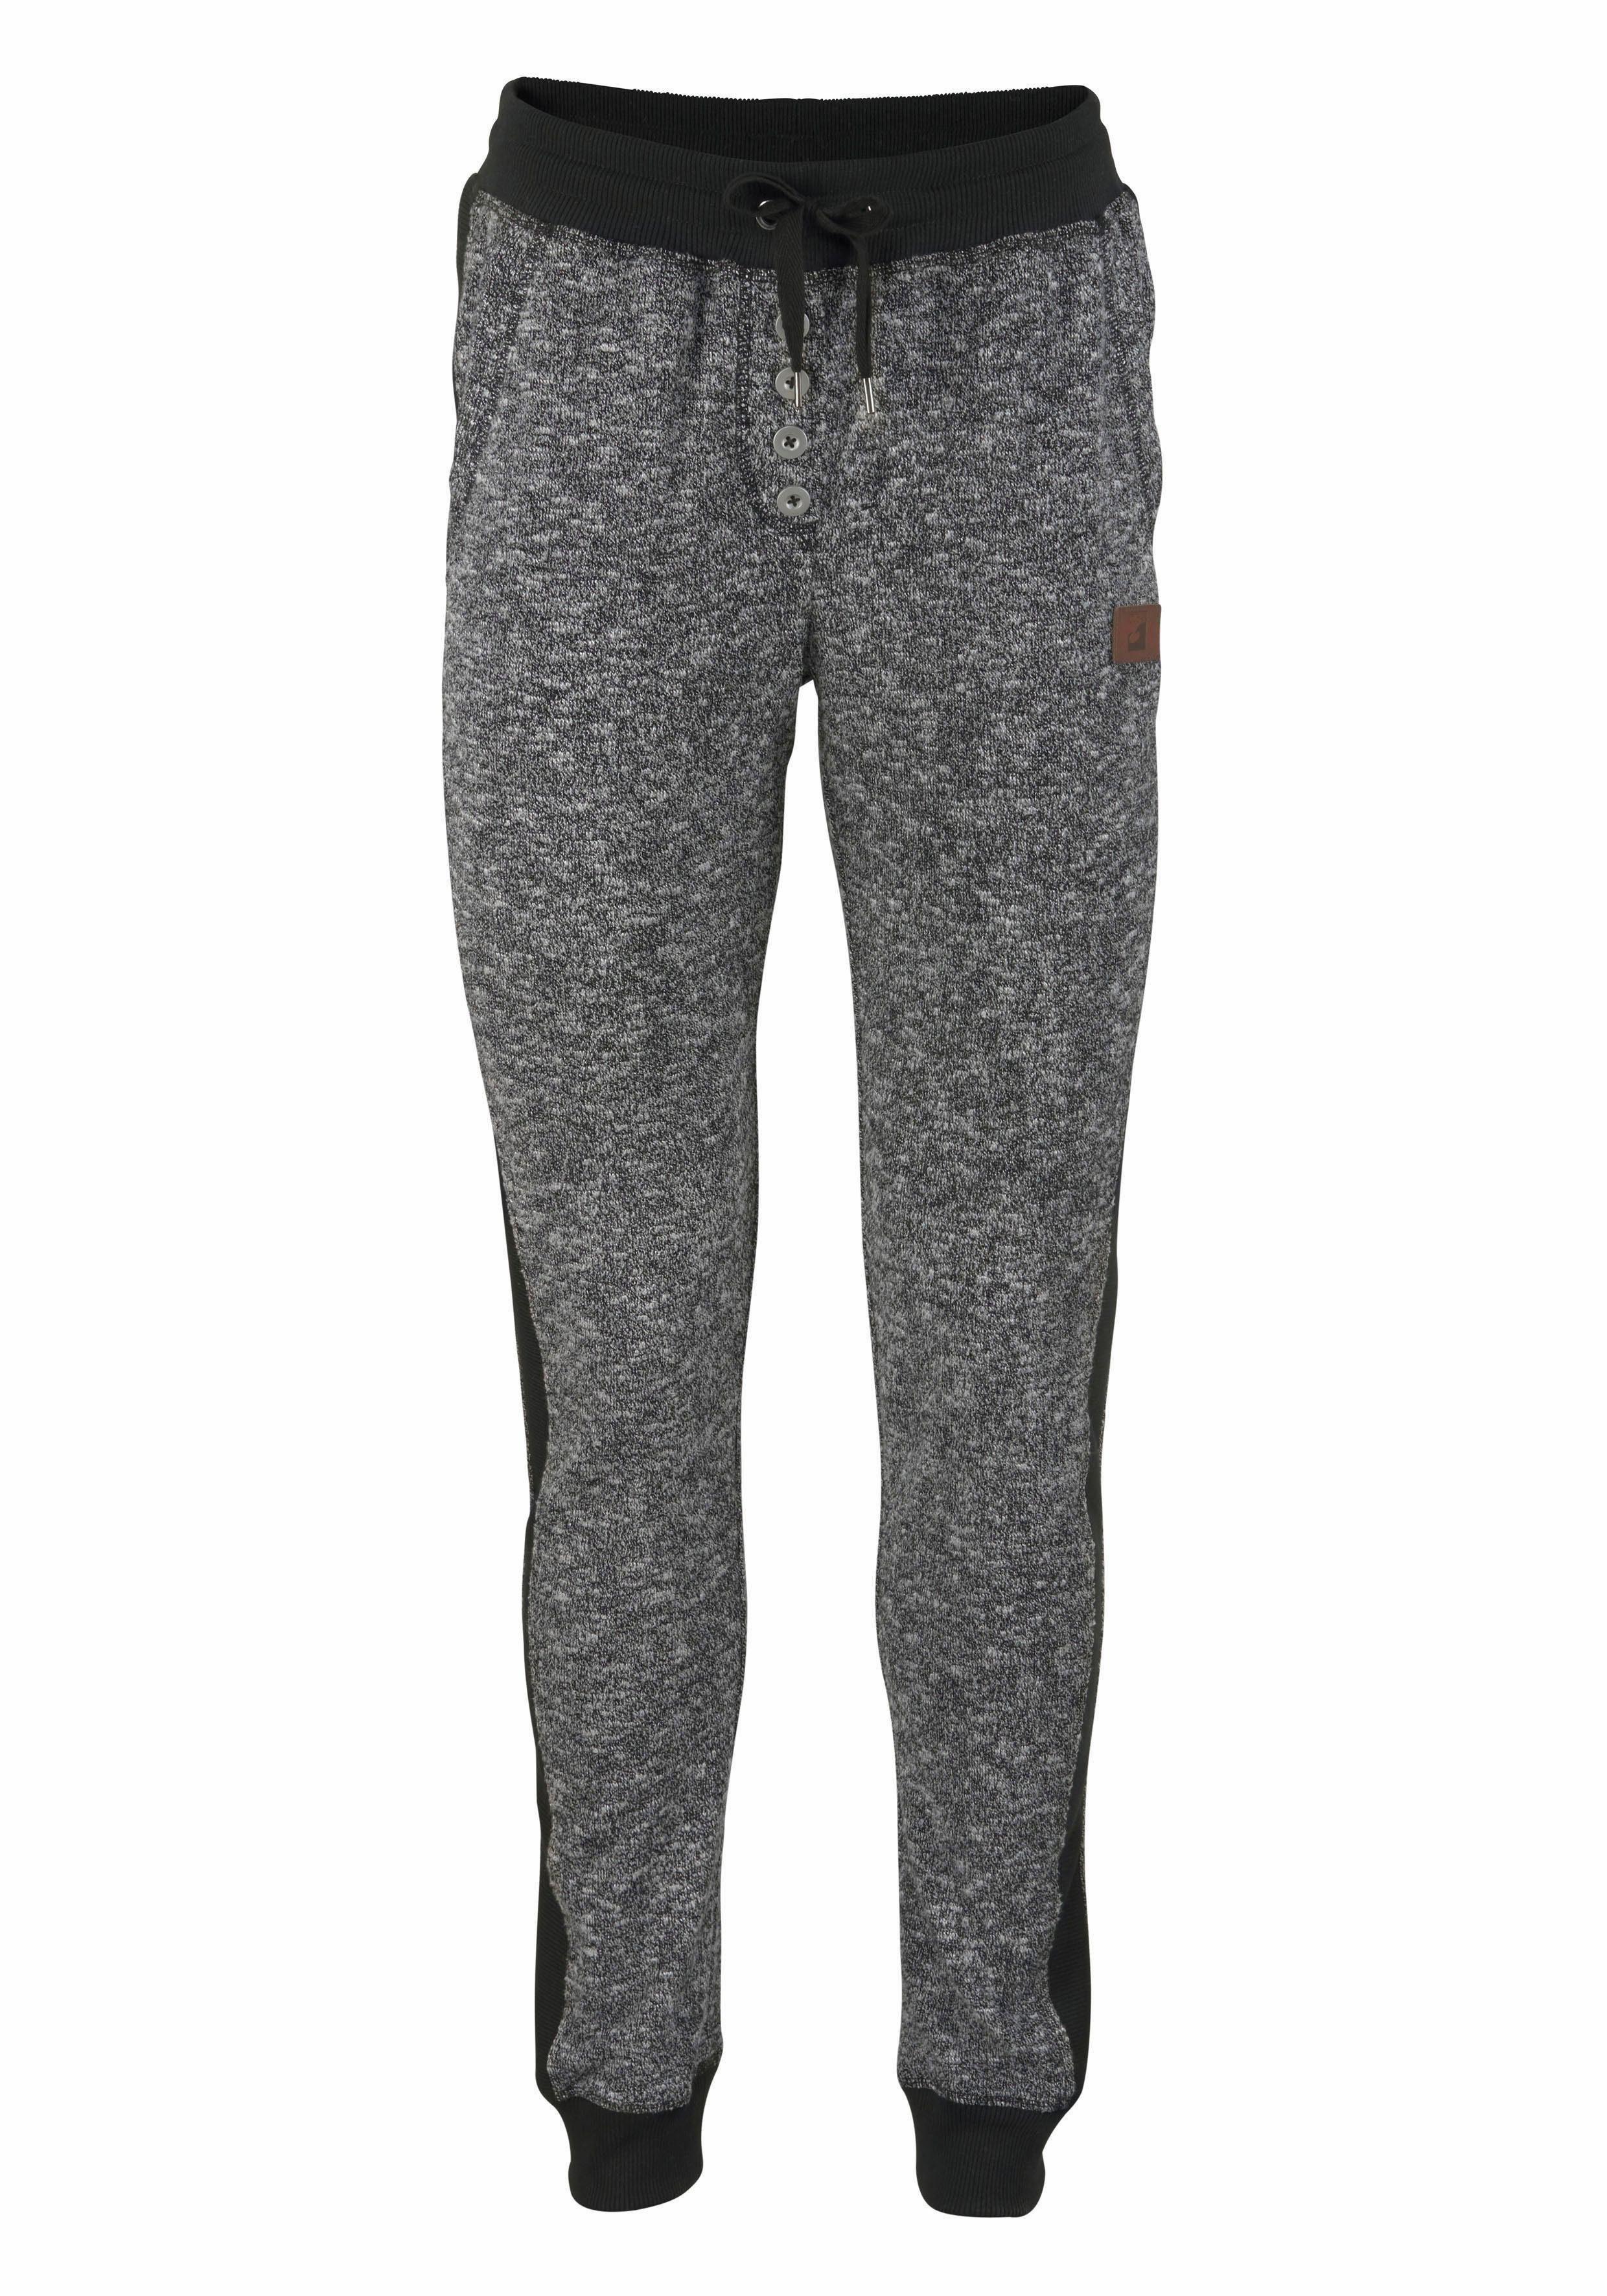 Ocean Sportswear Jogginghose Zierknöpfe Auf Dem Hosenschlitz Online Kaufen